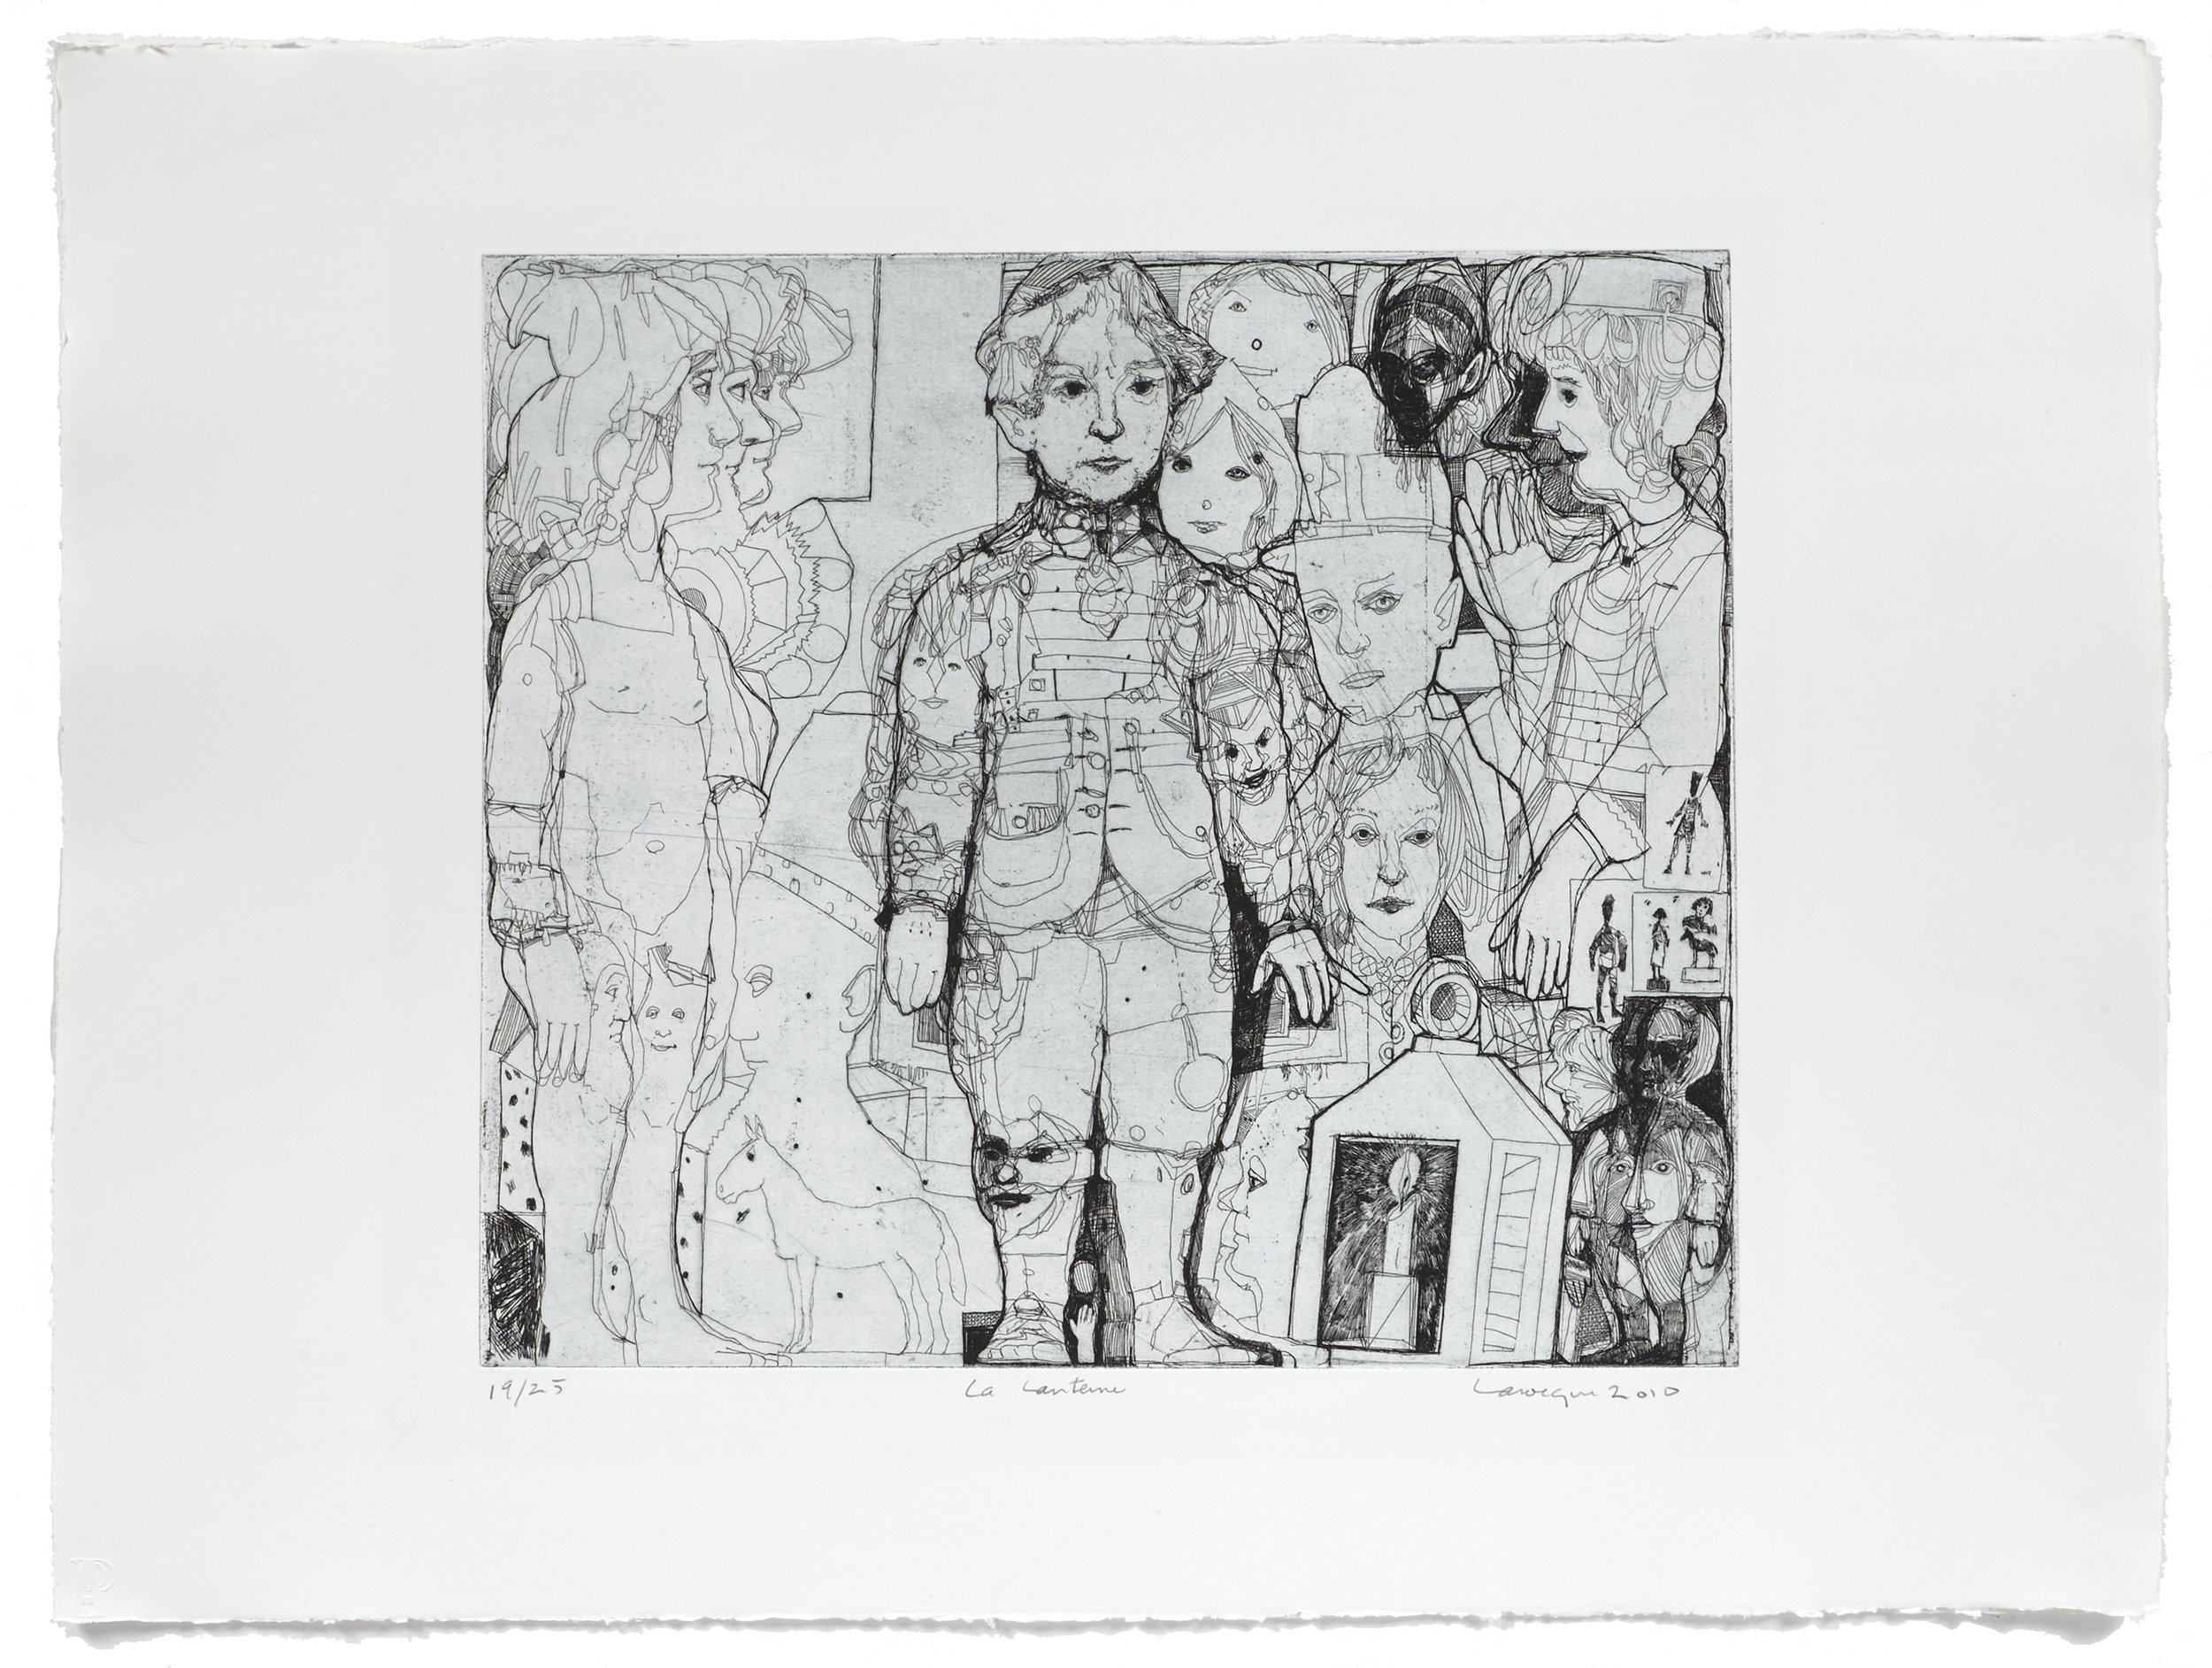 La lanterne   2010 | 56 x 76cm | Eau-forte | 25 prints | Editor Atelier-Galerie A. Piroir